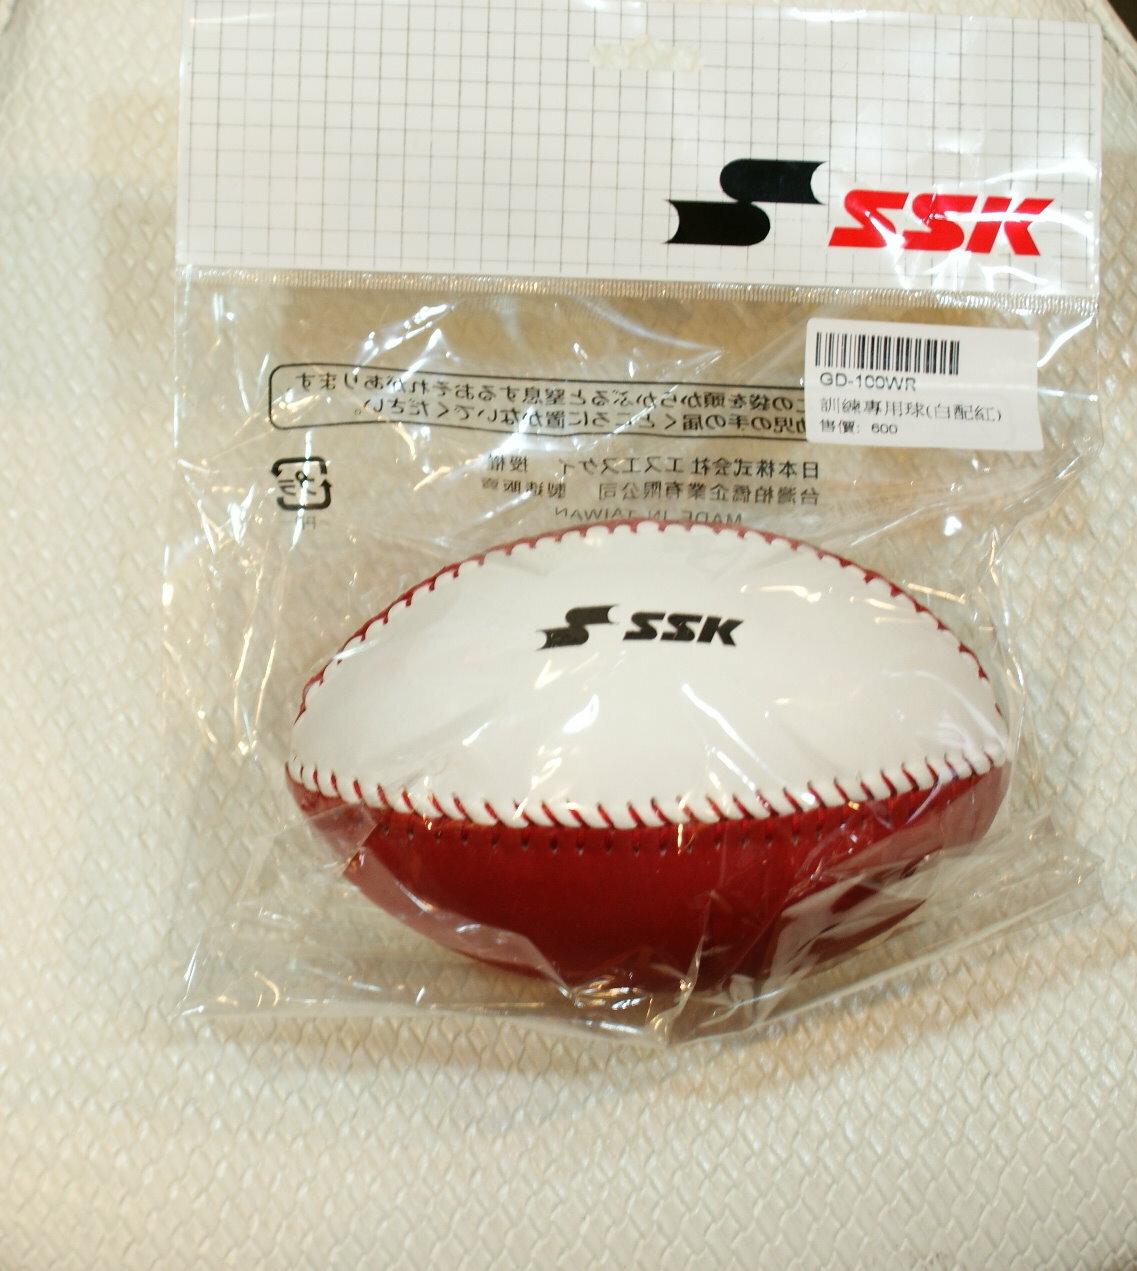 棒球世界 12年 SSK 投手訓練球 特價 紅白